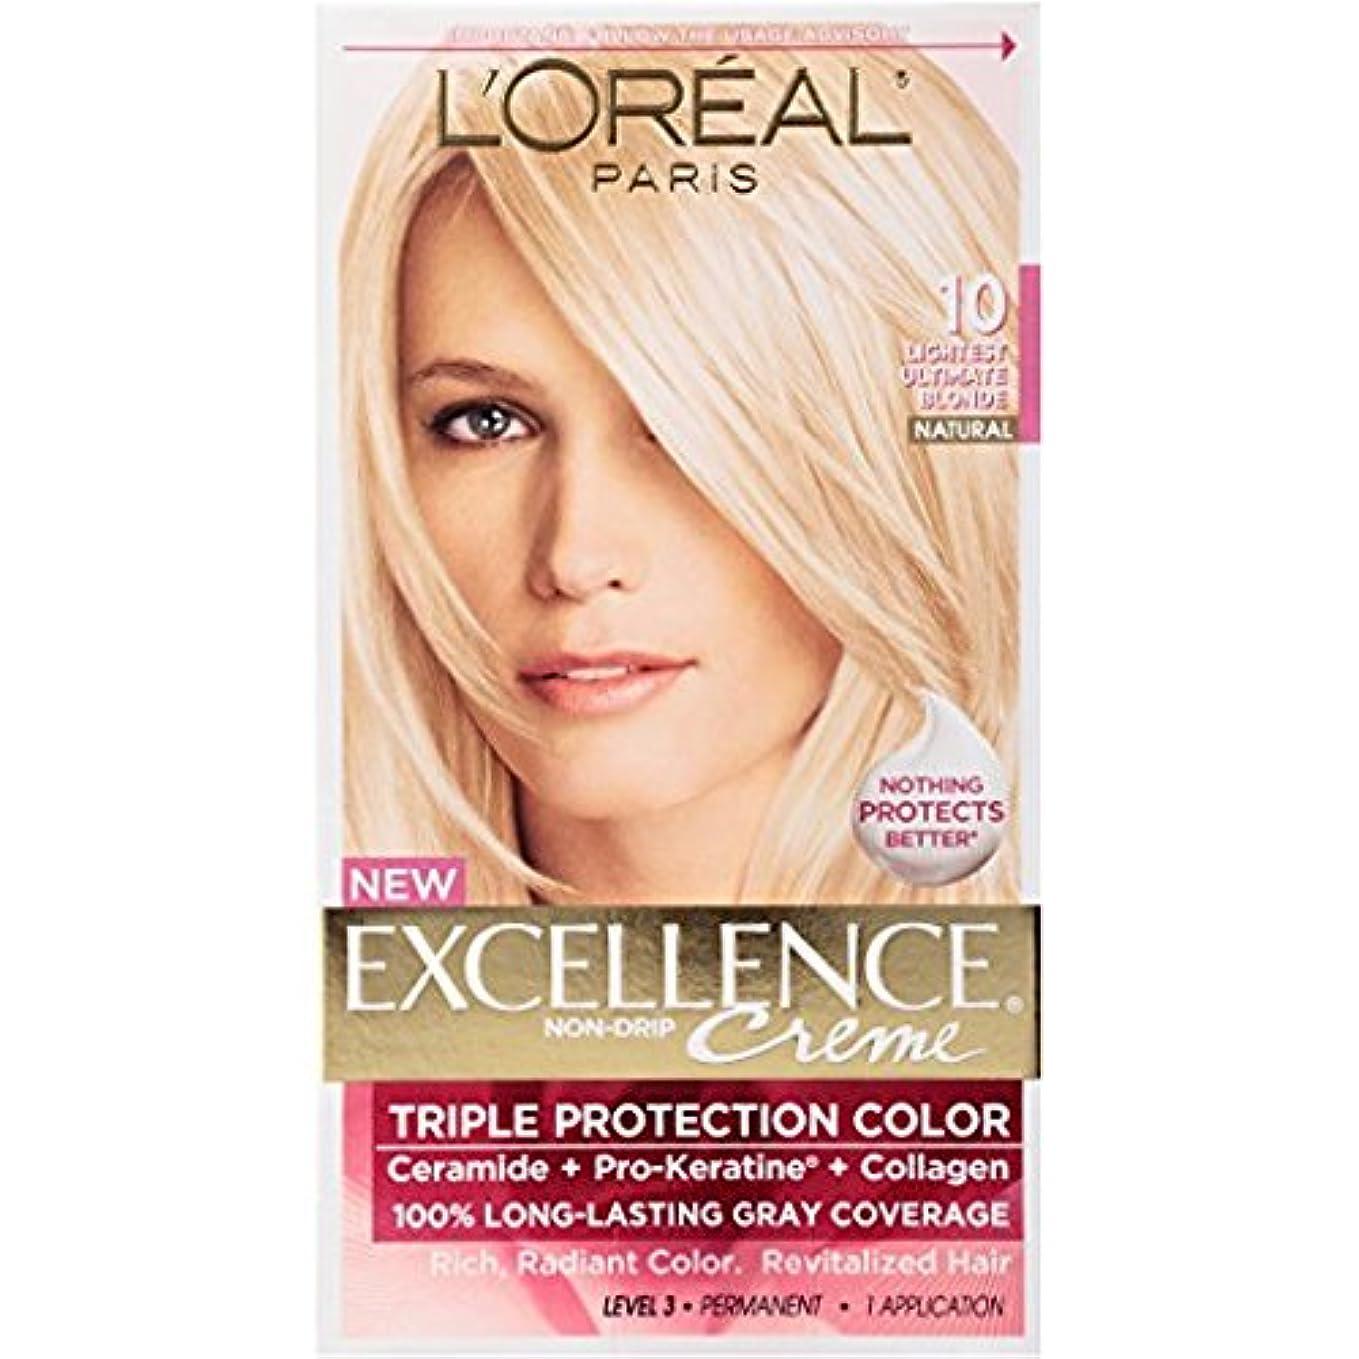 入口寓話聴くロレアル L'Oreal Paris Excellence Creme Pro - Keratine 10 Light Ultimate Blonde ブロンド ヘアダイ [並行輸入品]